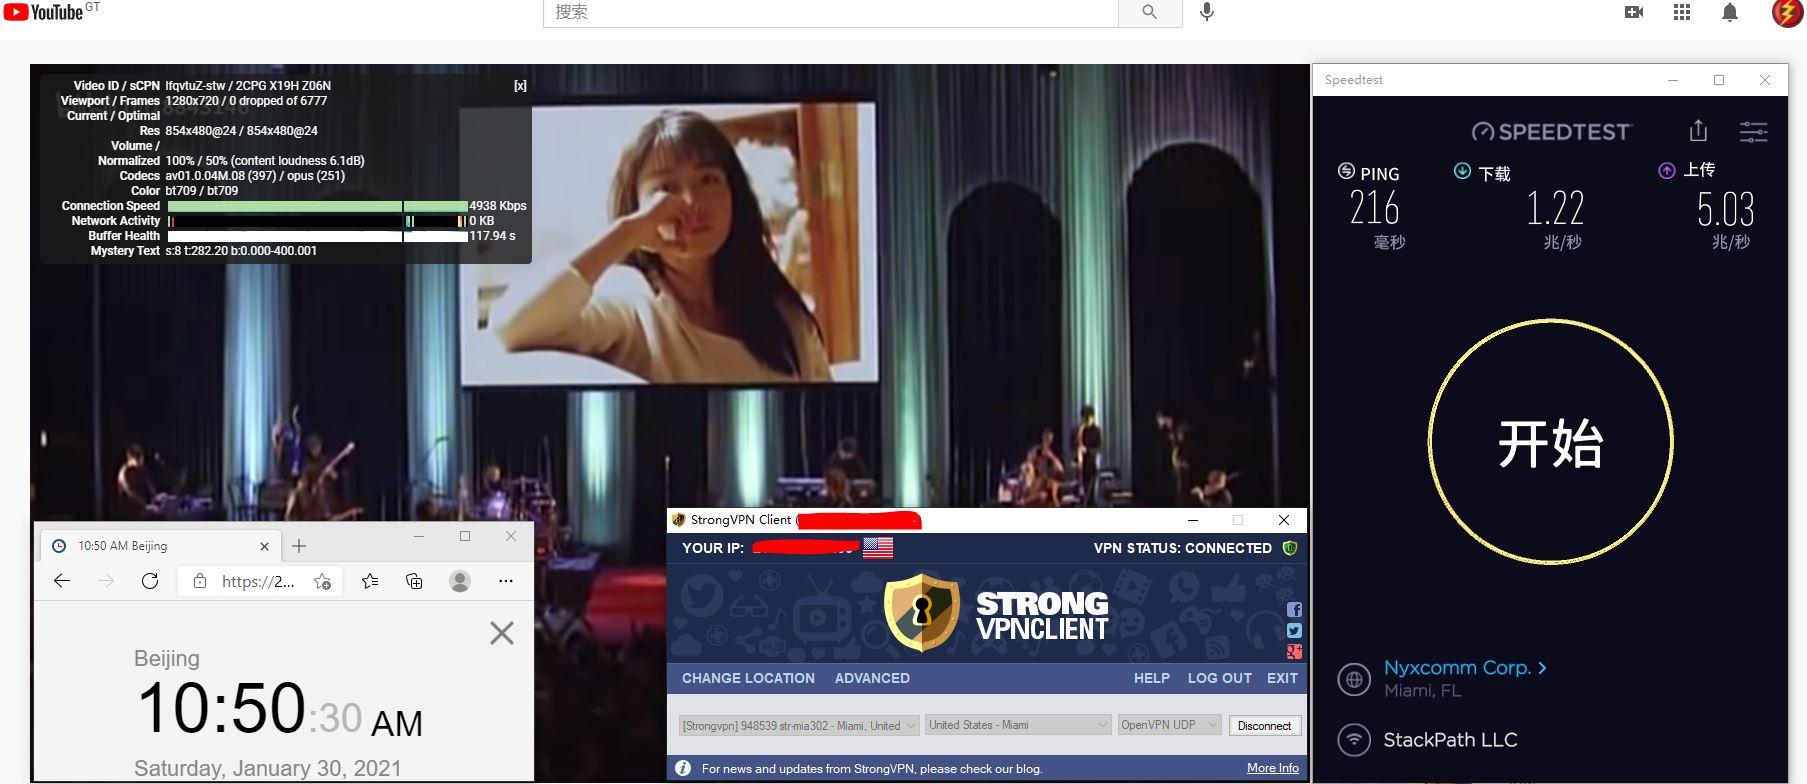 Windows10 StrongVPN 默认协议 USA - Miami 服务器 中国VPN 翻墙 科学上网 10BEASTS Barry测试 - 20210130